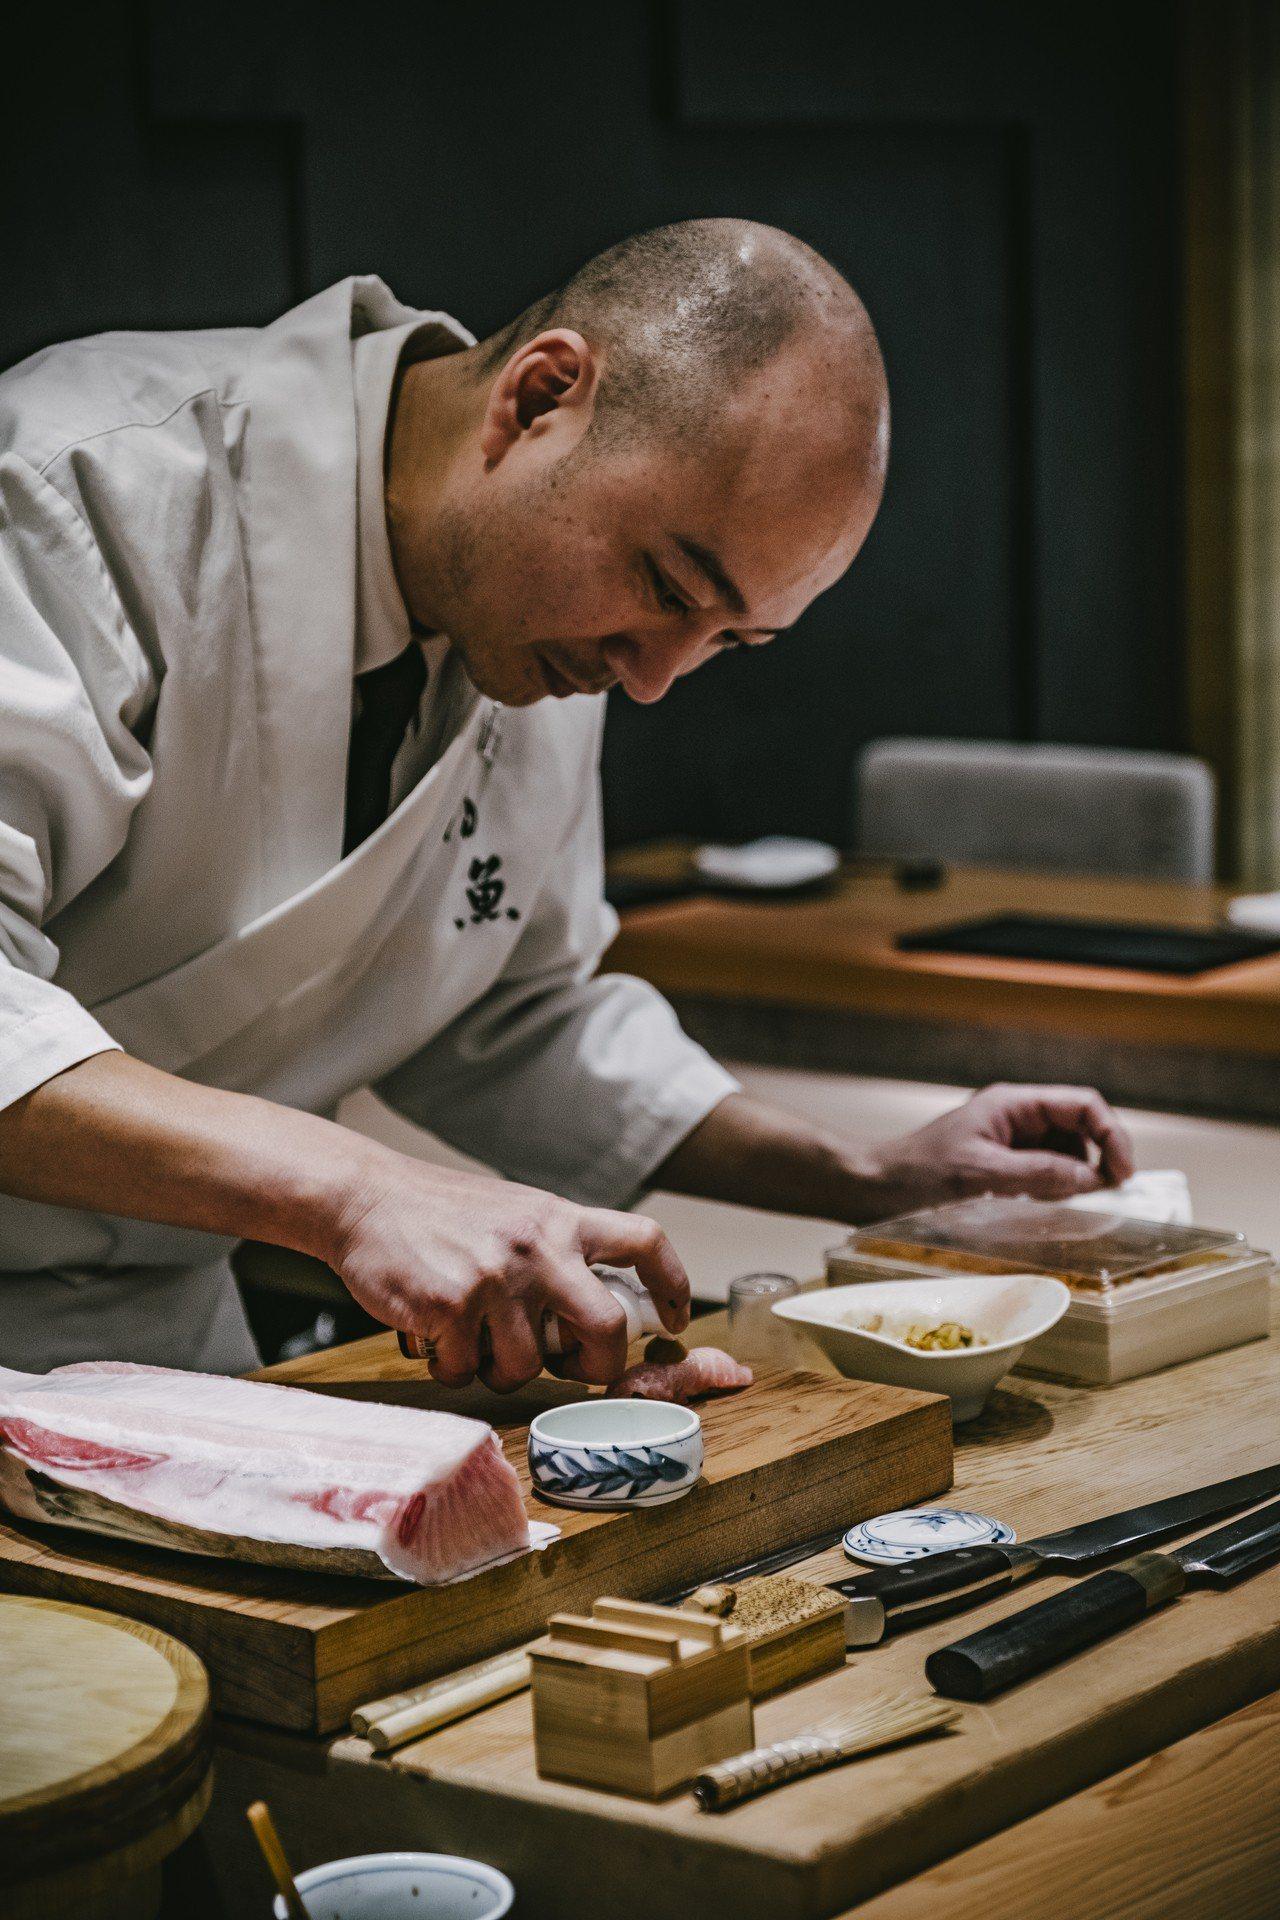 初魚料亭為無菜單板前料理,美味拍手建議,拍照時可以把職人的手作精神拍攝進去,會呈...